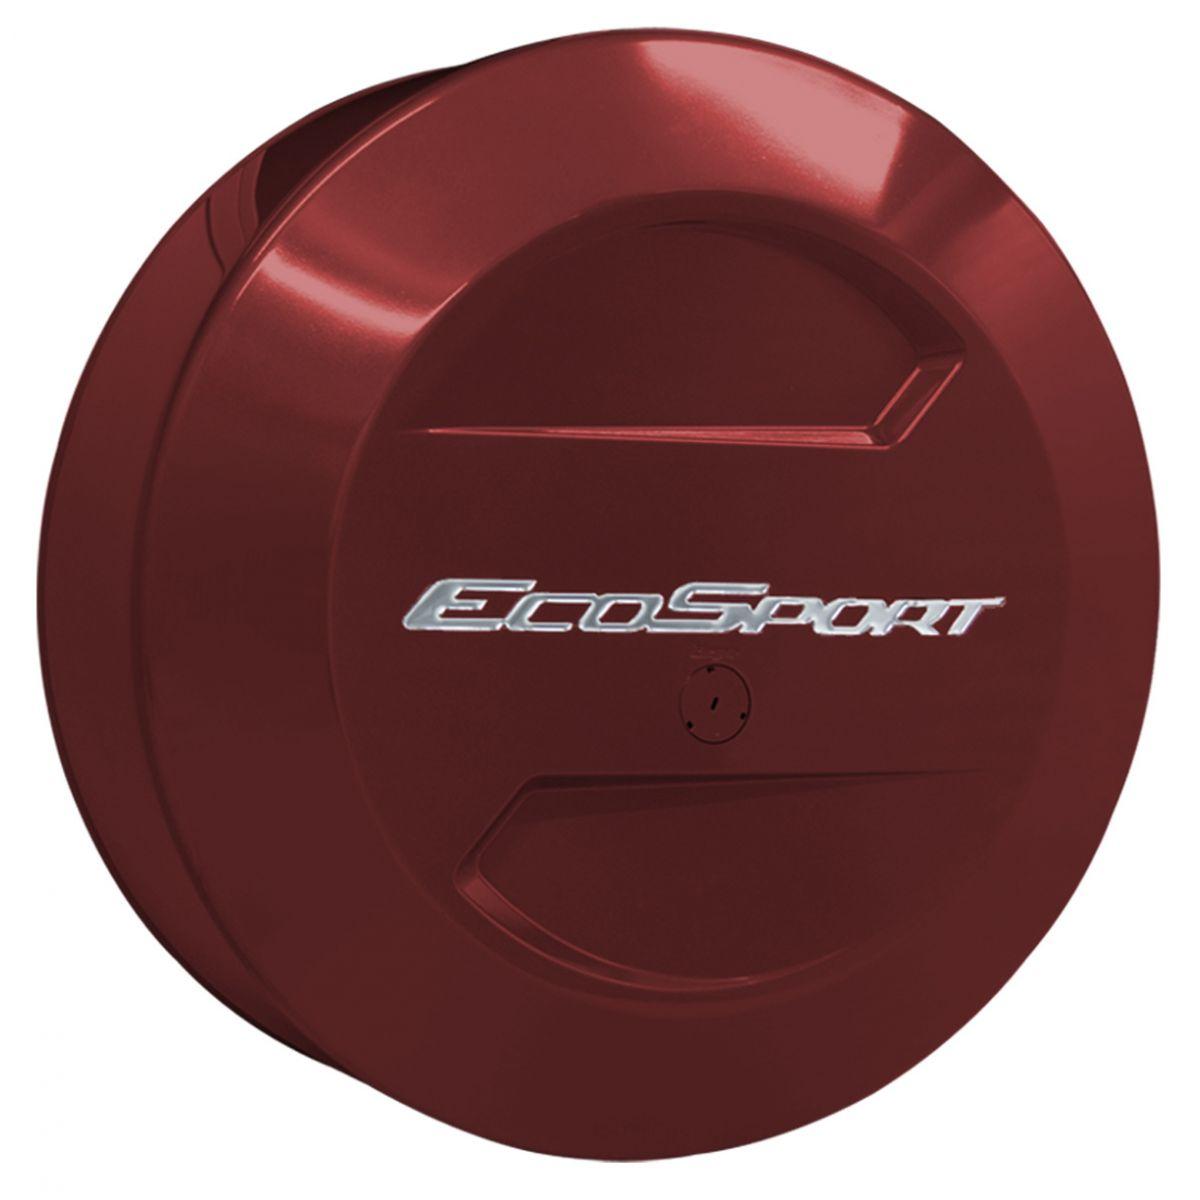 Capa de estepe rígida Novo Ecosport 2015 a 2017 cor Vermelho Merlot